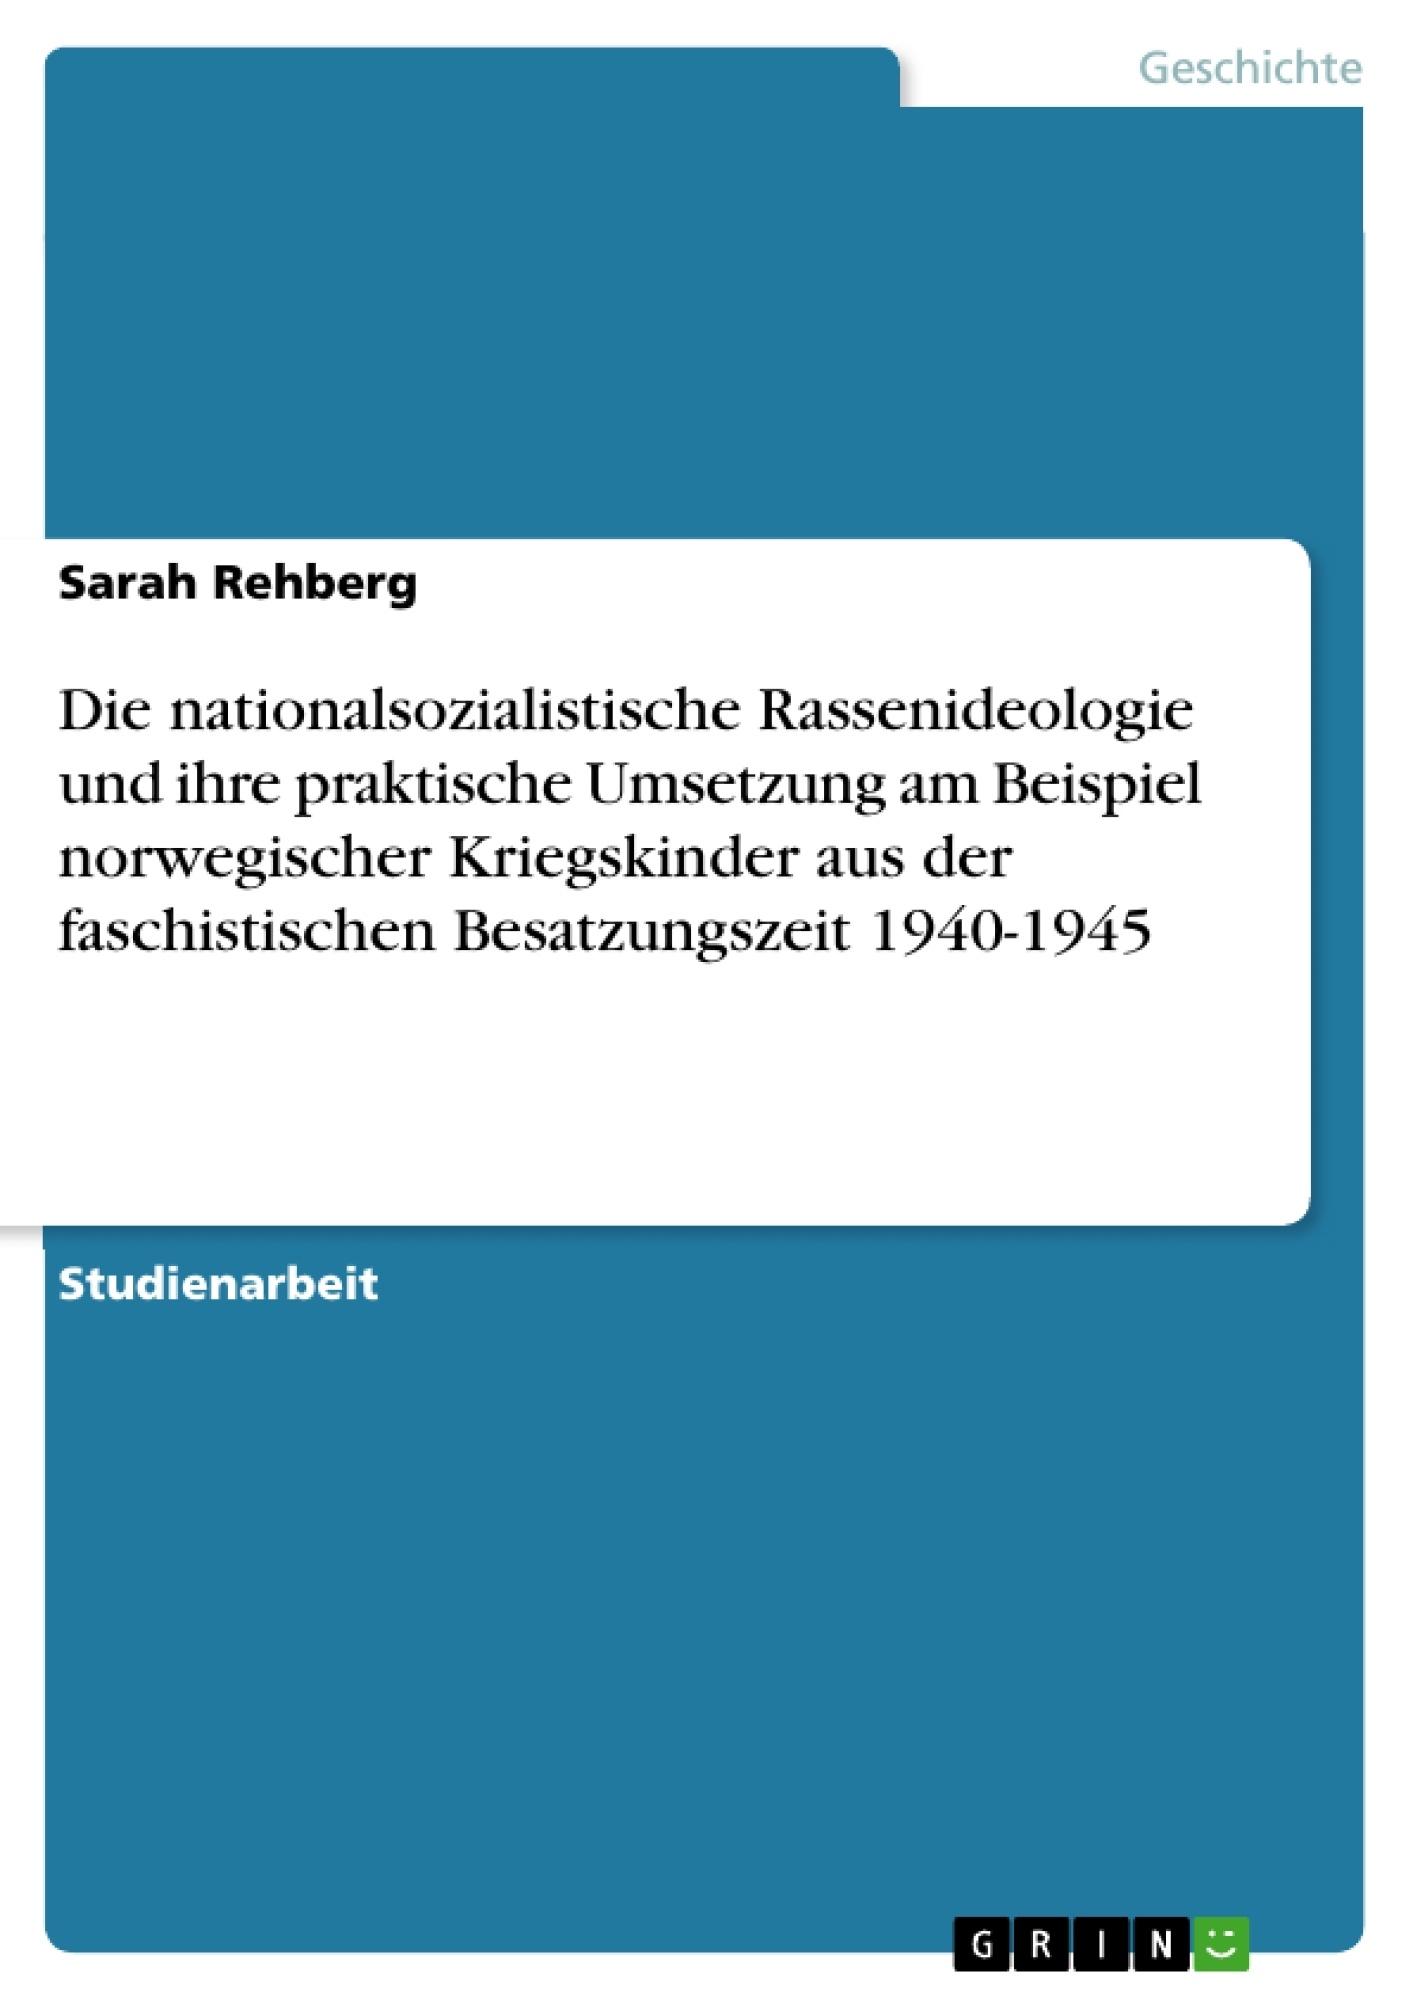 Titel: Die nationalsozialistische Rassenideologie und ihre praktische Umsetzung am Beispiel norwegischer Kriegskinder aus der faschistischen Besatzungszeit 1940-1945